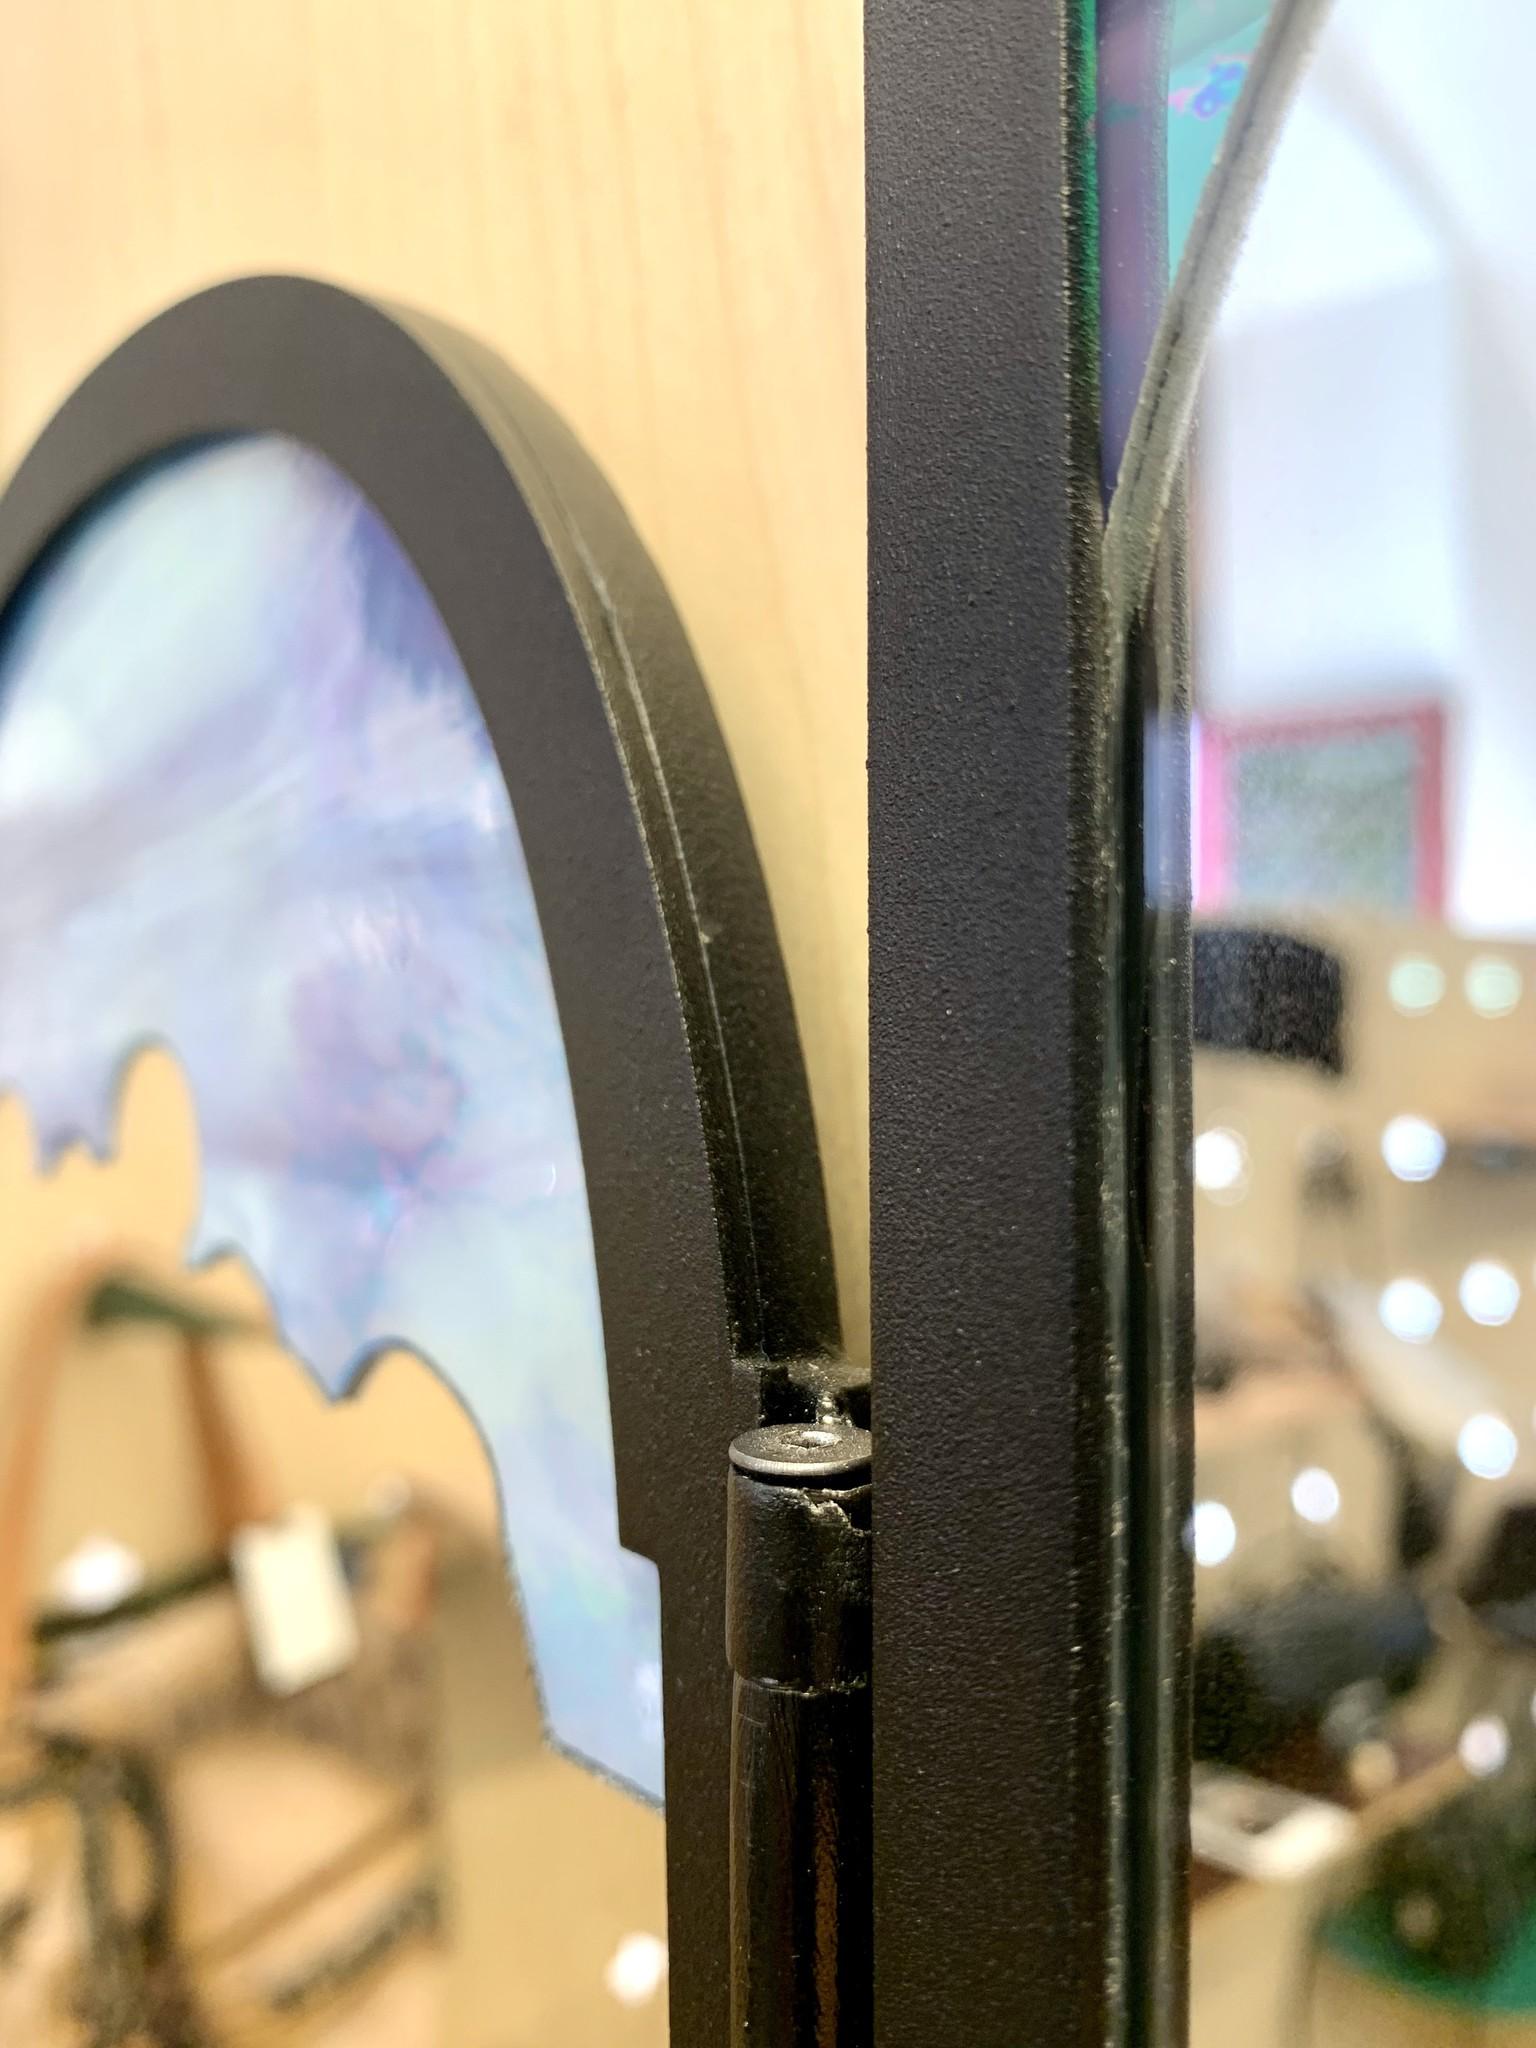 Veerle Verschooren Unieke spiegel contouren Lam Gods - Veerle Verschooren